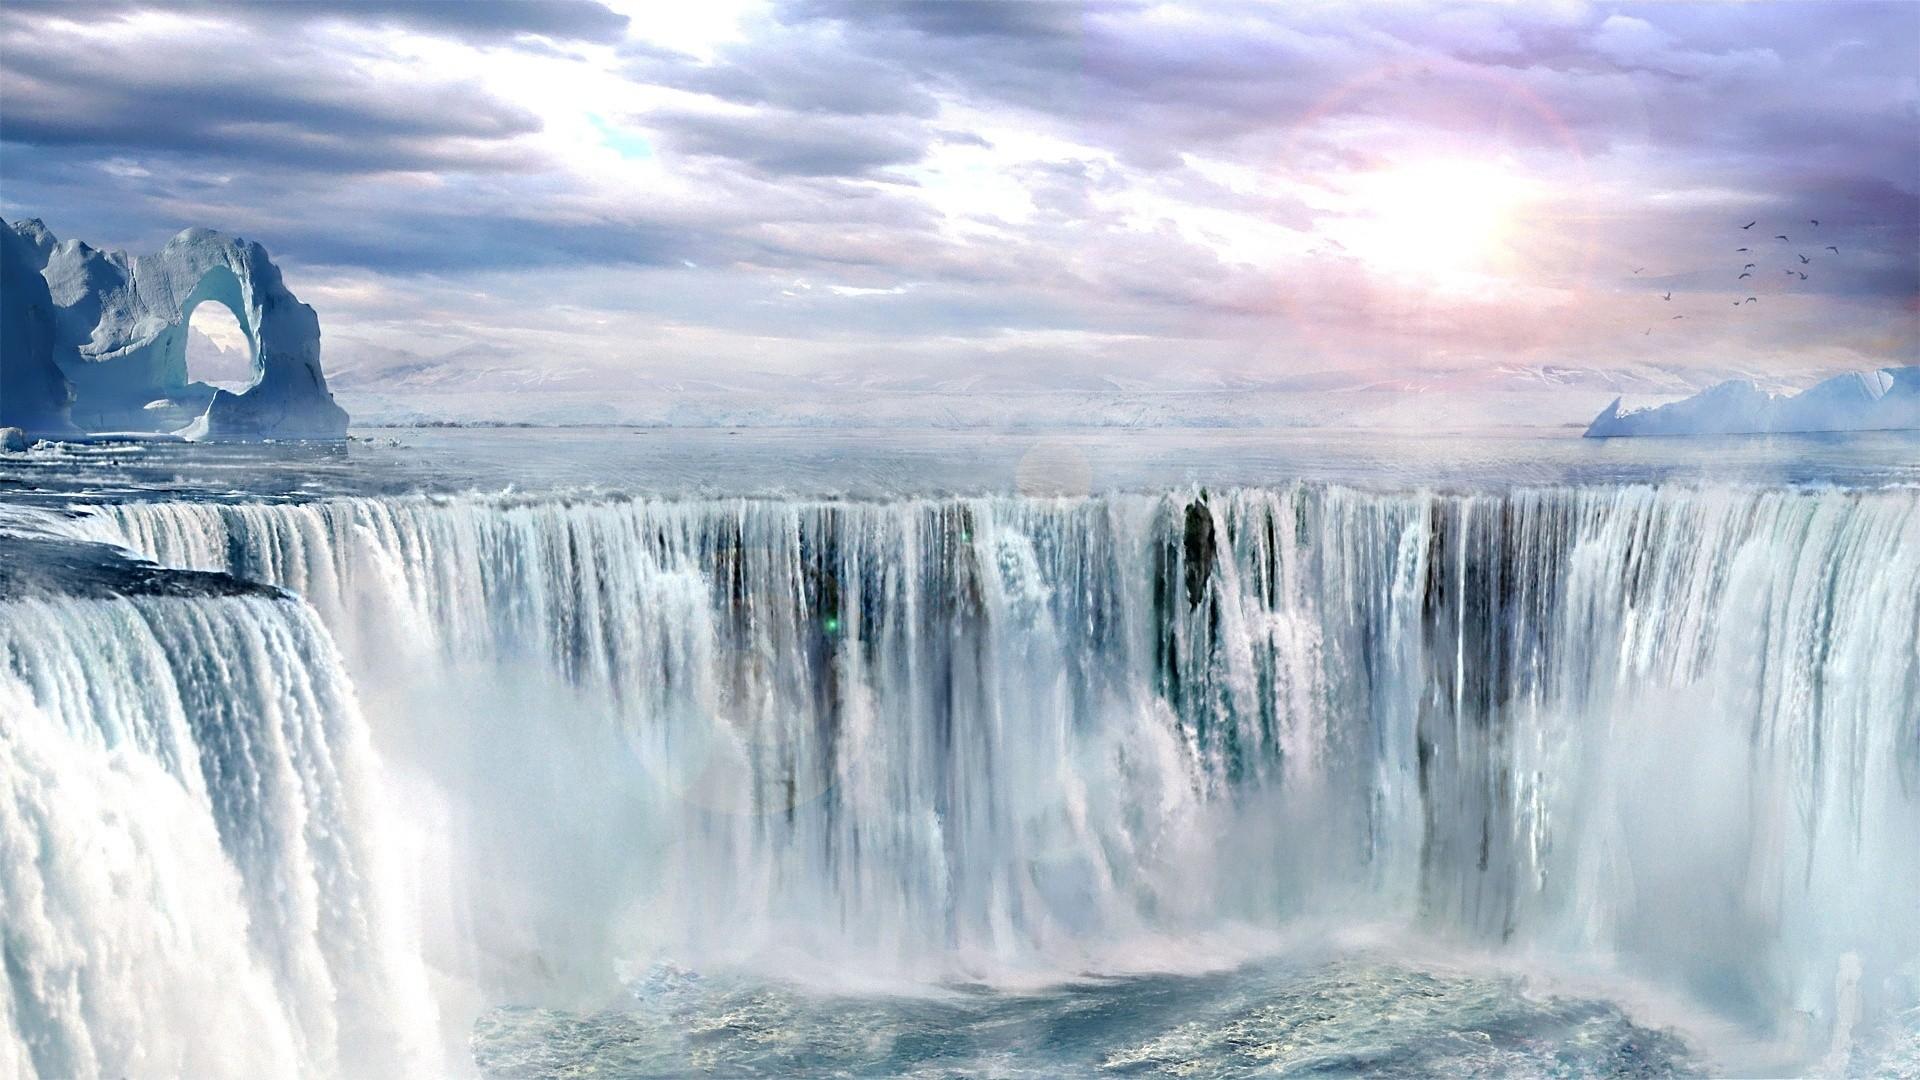 Hình nền thác nước chảy cực đẹp